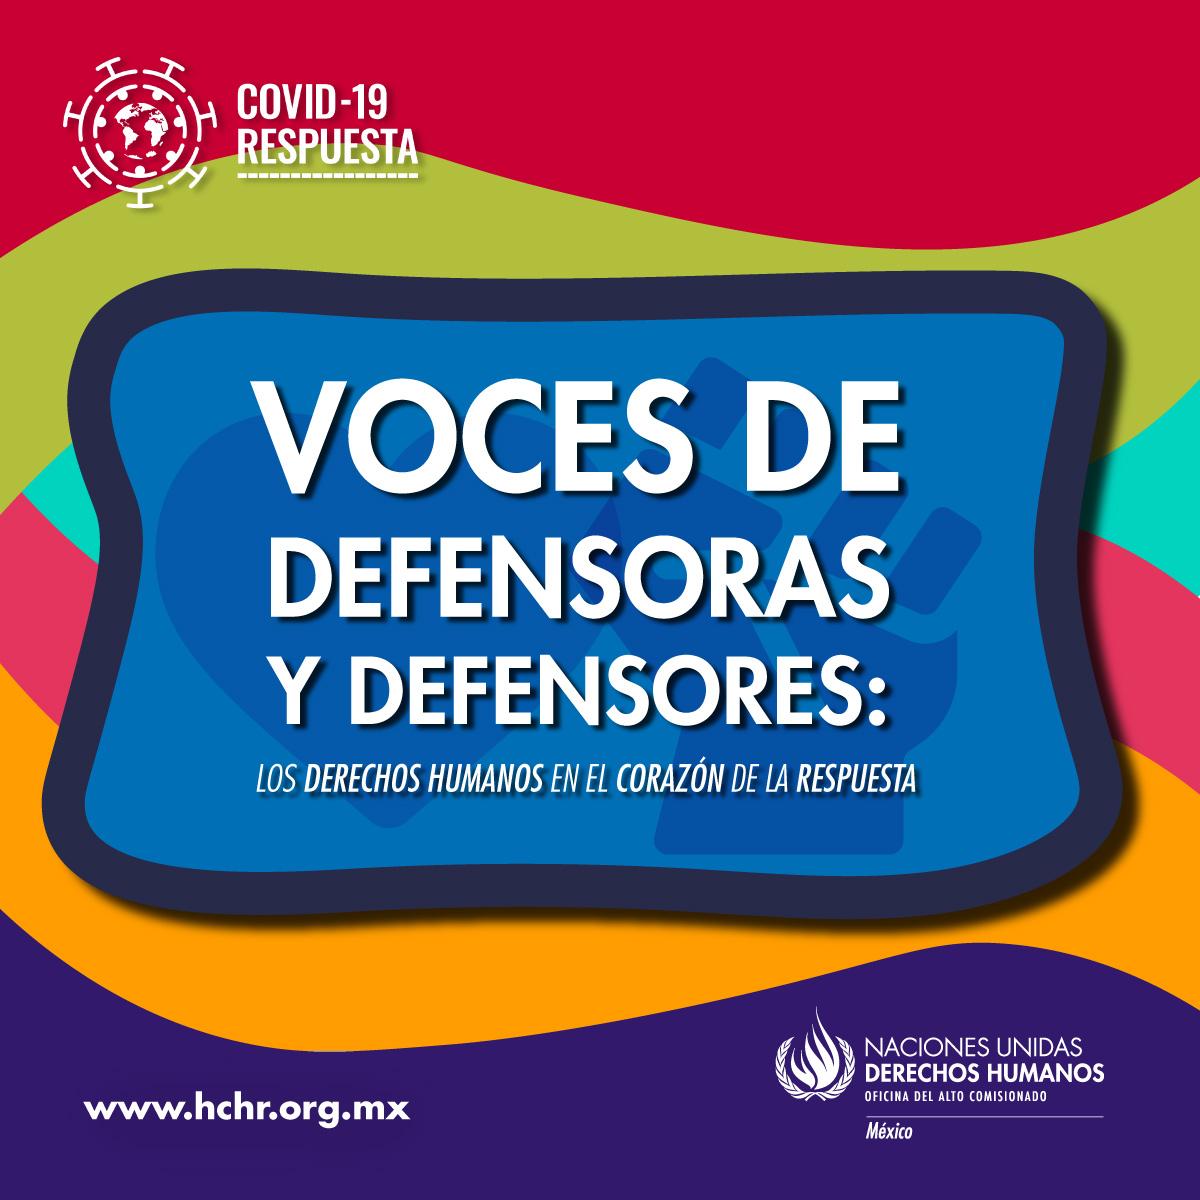 """El día de hoy, la ONU-DH da inicio a la campaña """"Voces de #Defensoras y #Defensores, los Derechos Humanos en el Corazón de la Respuesta"""", con la cual busca visibilizar el trabajo de defensores de #DDHH ... https://t.co/mrXA2icgBH"""